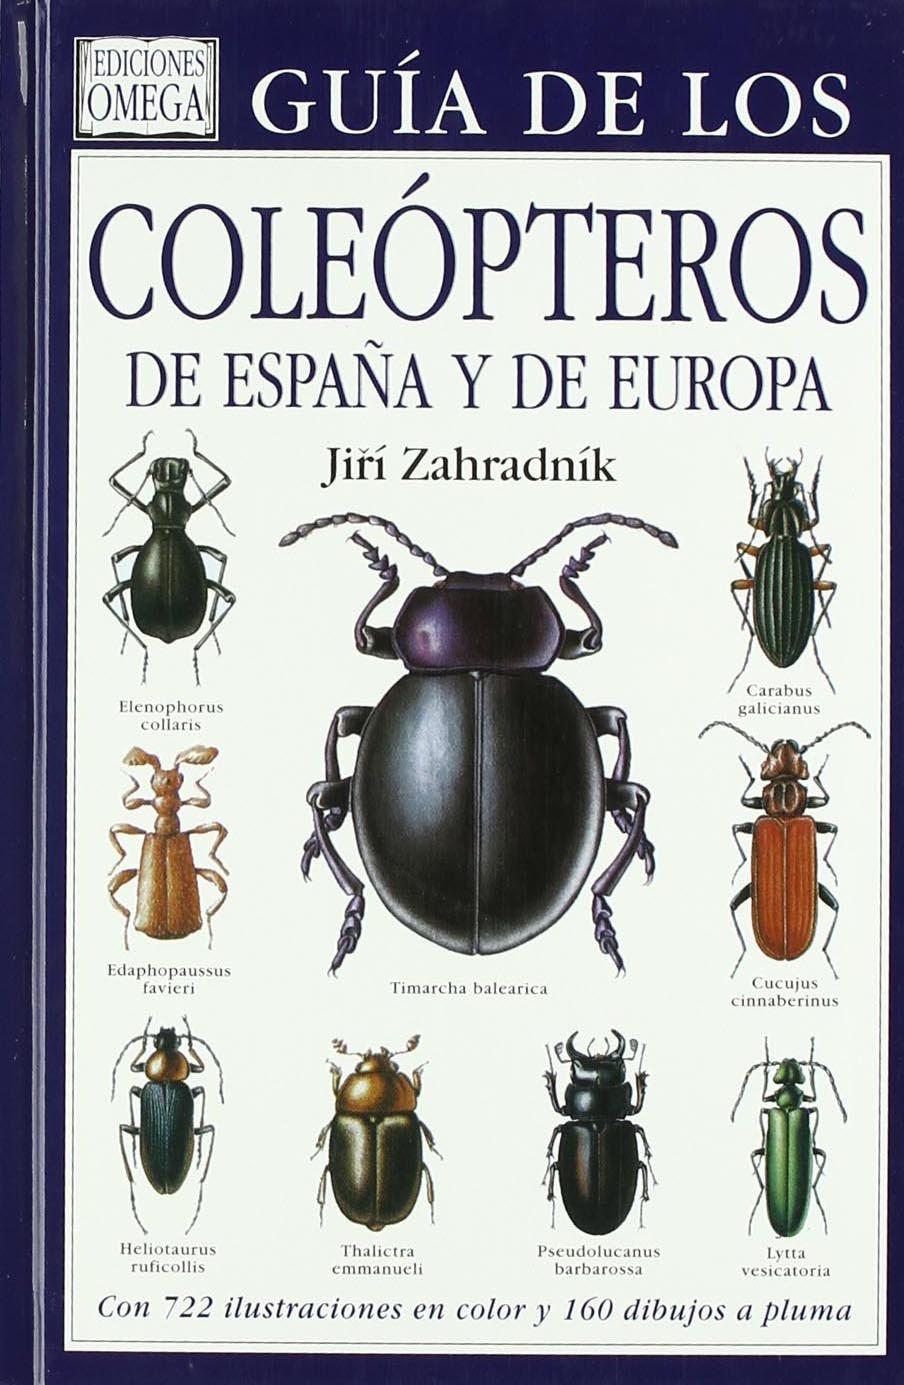 GUIA COLEOPTEROS DE ESPAÑA Y DE EUROPA GUIAS DEL NATURALISTA-INSECTOS Y ARACNIDOS: Amazon.es: ZAHRADNIK JIRI: Libros